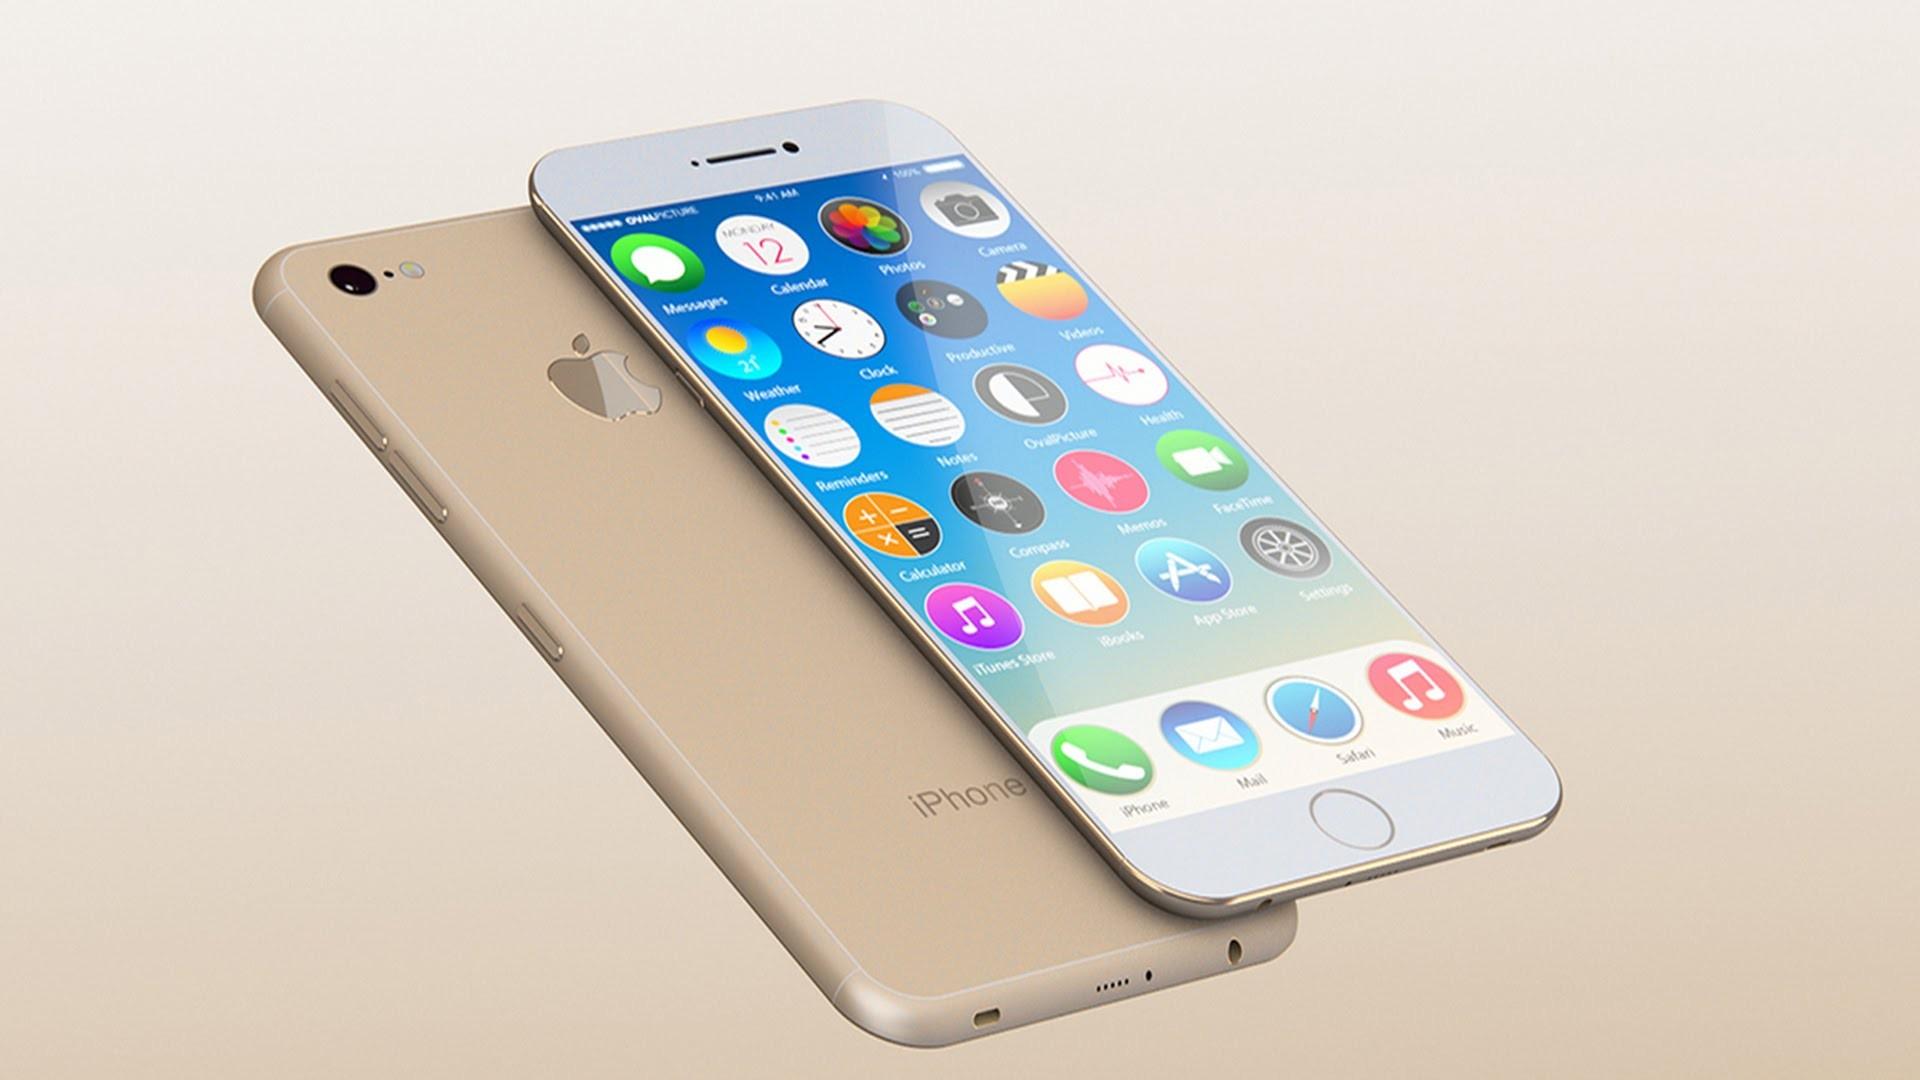 10января Apple выпустит iOS 10.3 срежимом кинотеатра